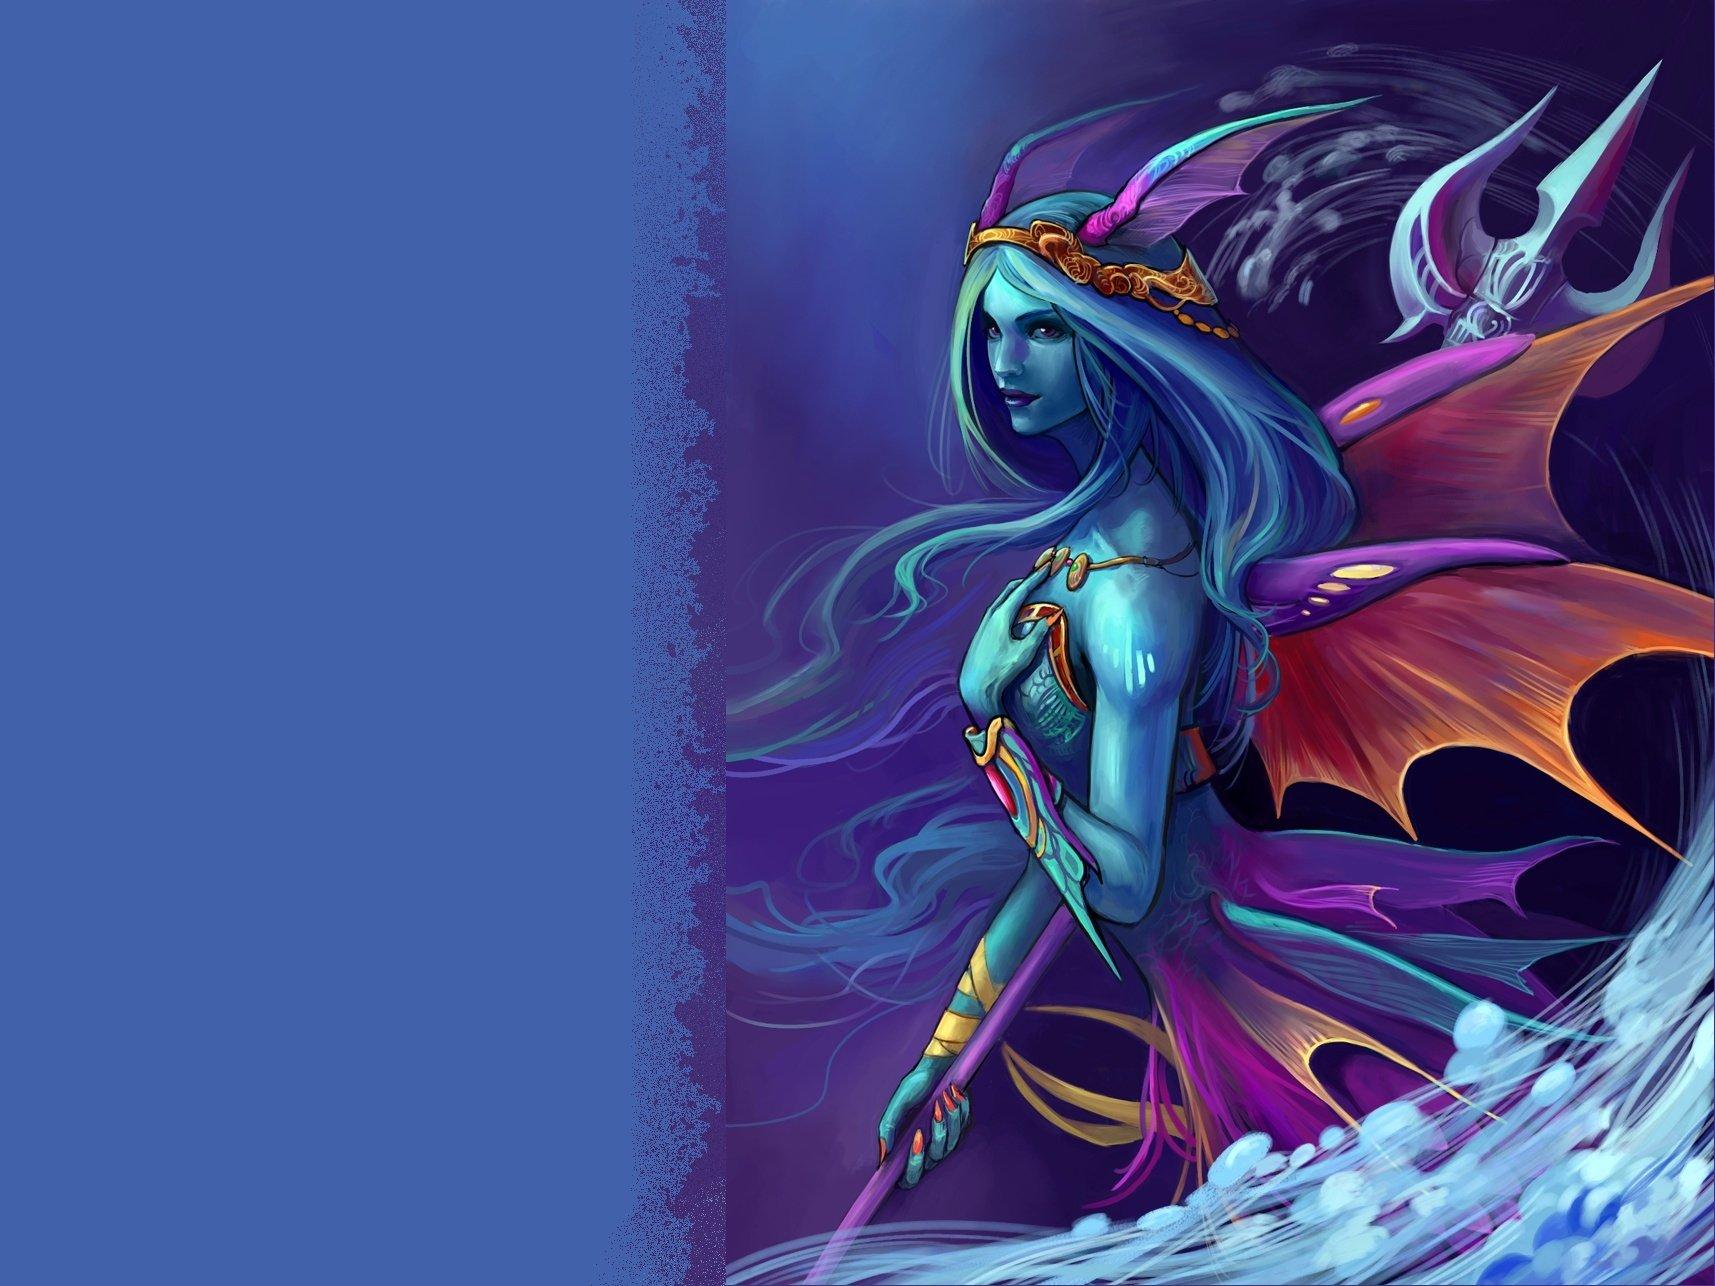 Fondos de pantalla de sirenas hermosas wallpapers hd gratis for Imagenes wallpaper hd